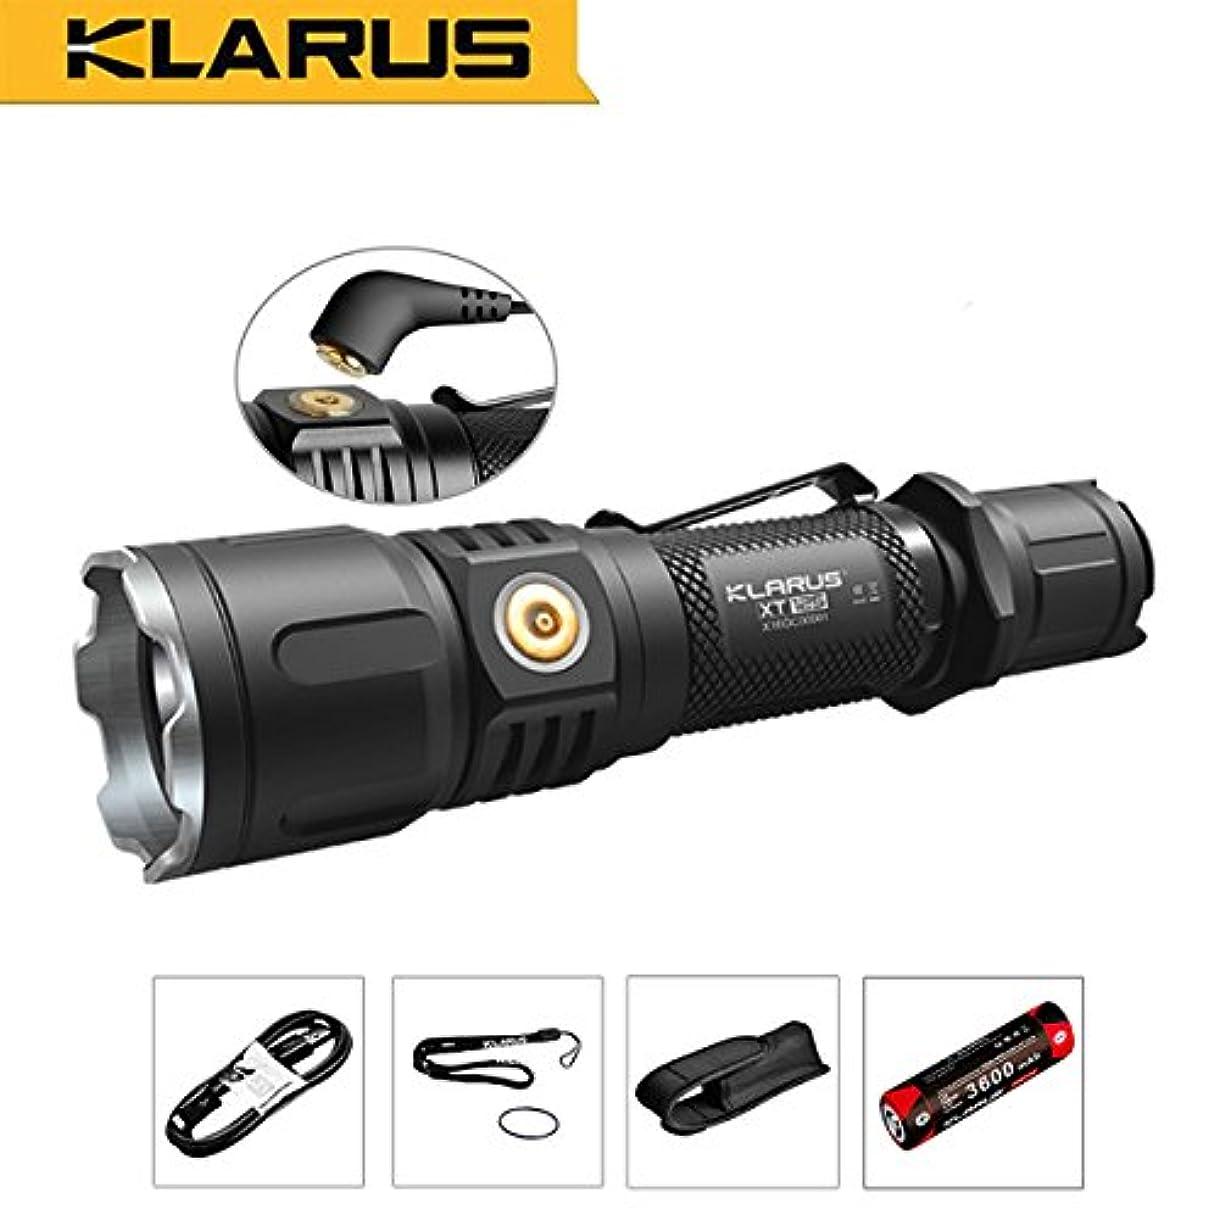 細心のきょうだい物理的なKLARUS XT12S CREE XHP35 HI D4 LED搭載 明るさMaX1600ルーメン 充電式懐中電灯 強力LEDフラッシュライト タクティカルフラッシュライト タクティカル LEDライト マグネット式コネクター/ 3600mAh 18650充電池/USB充電ケーブル付属 ブラック